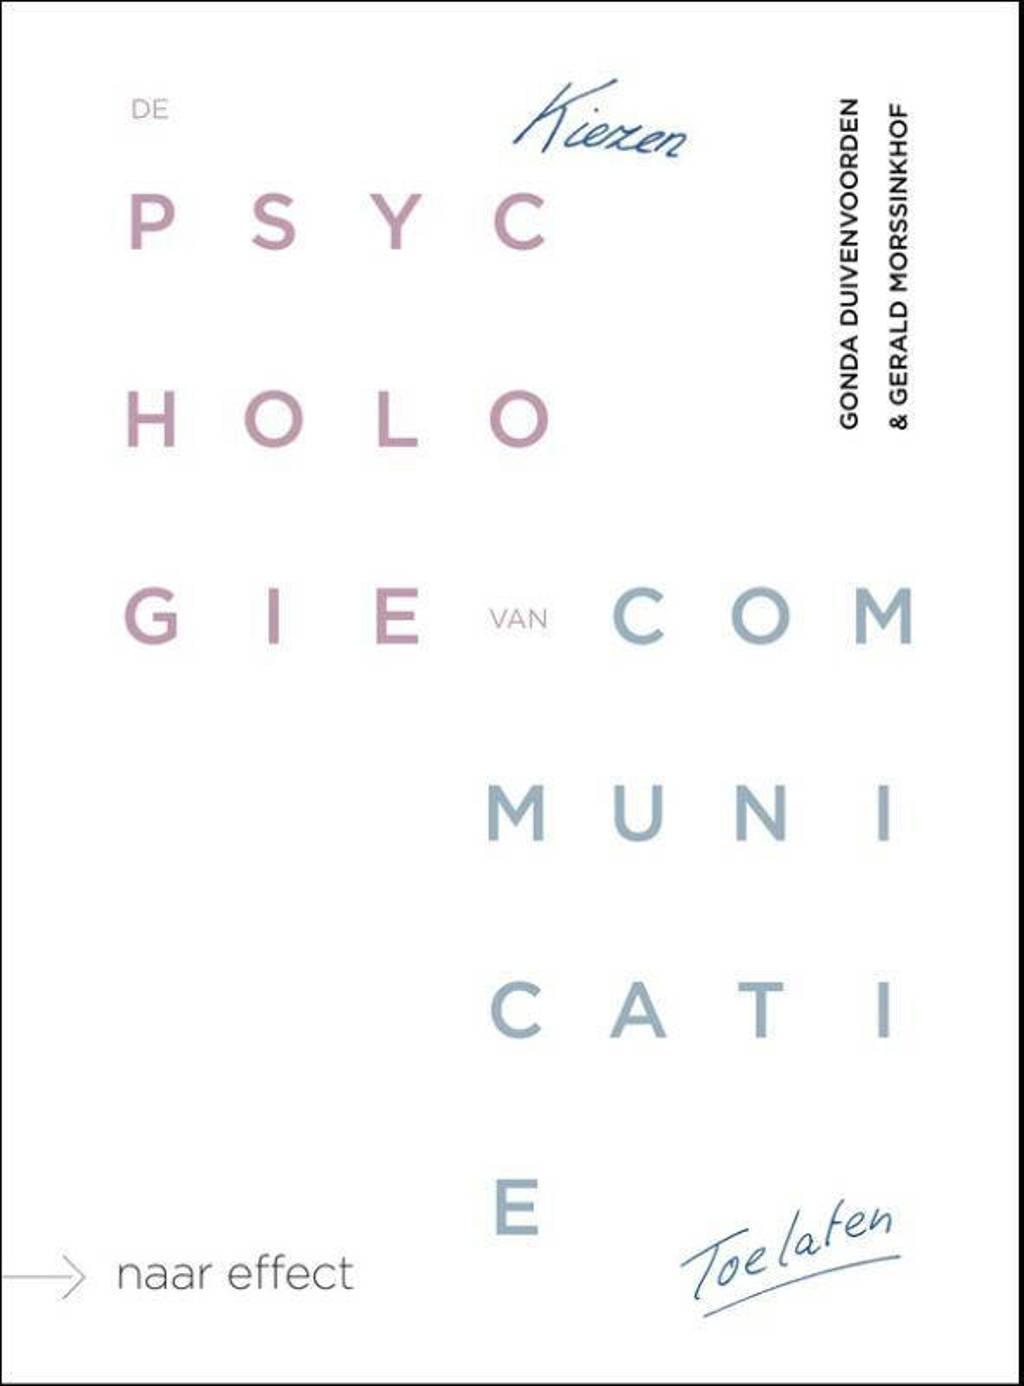 De psychologie van communicatie - Gonda Duivenvoorden en Gerald Morssinkhof